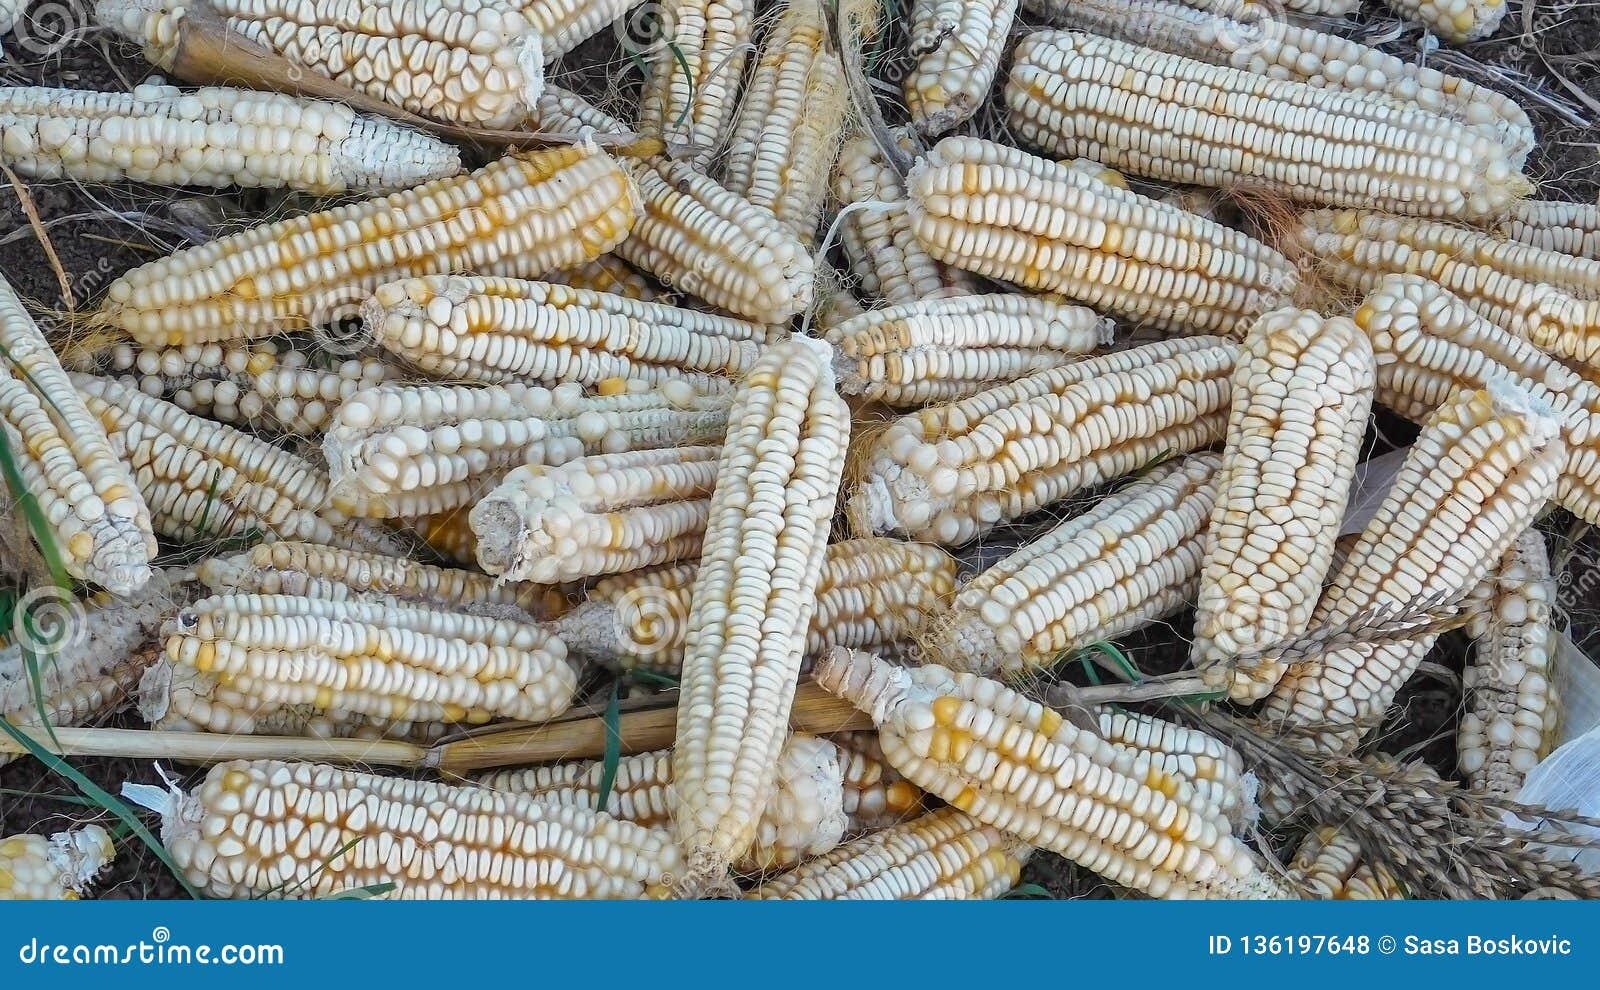 Rare Heirloom White Dent Corn